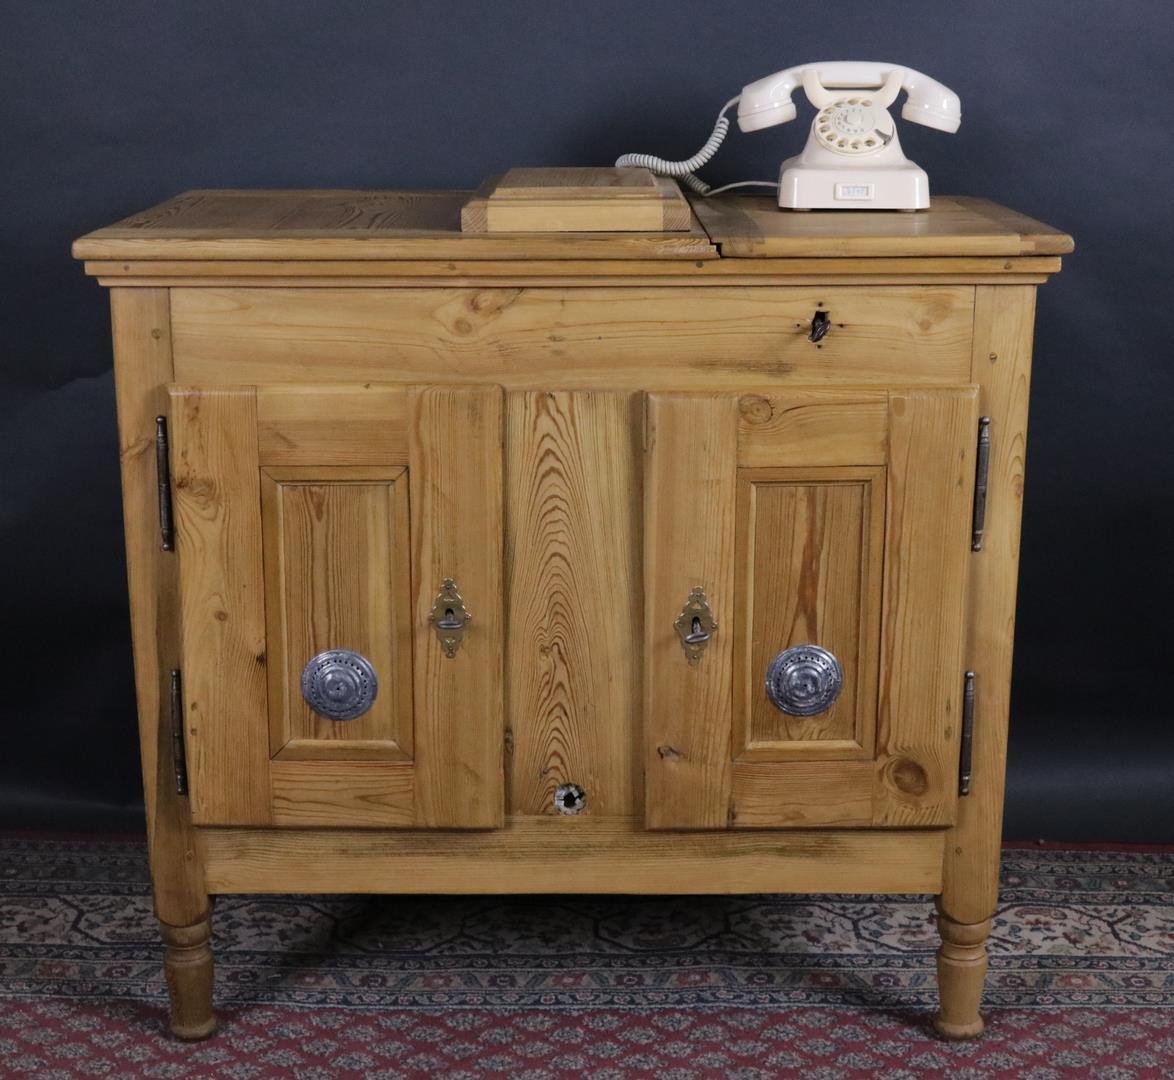 Kuhlschrank eisschrank antik biedermeier um 1870 for Zweitüriger kühlschrank